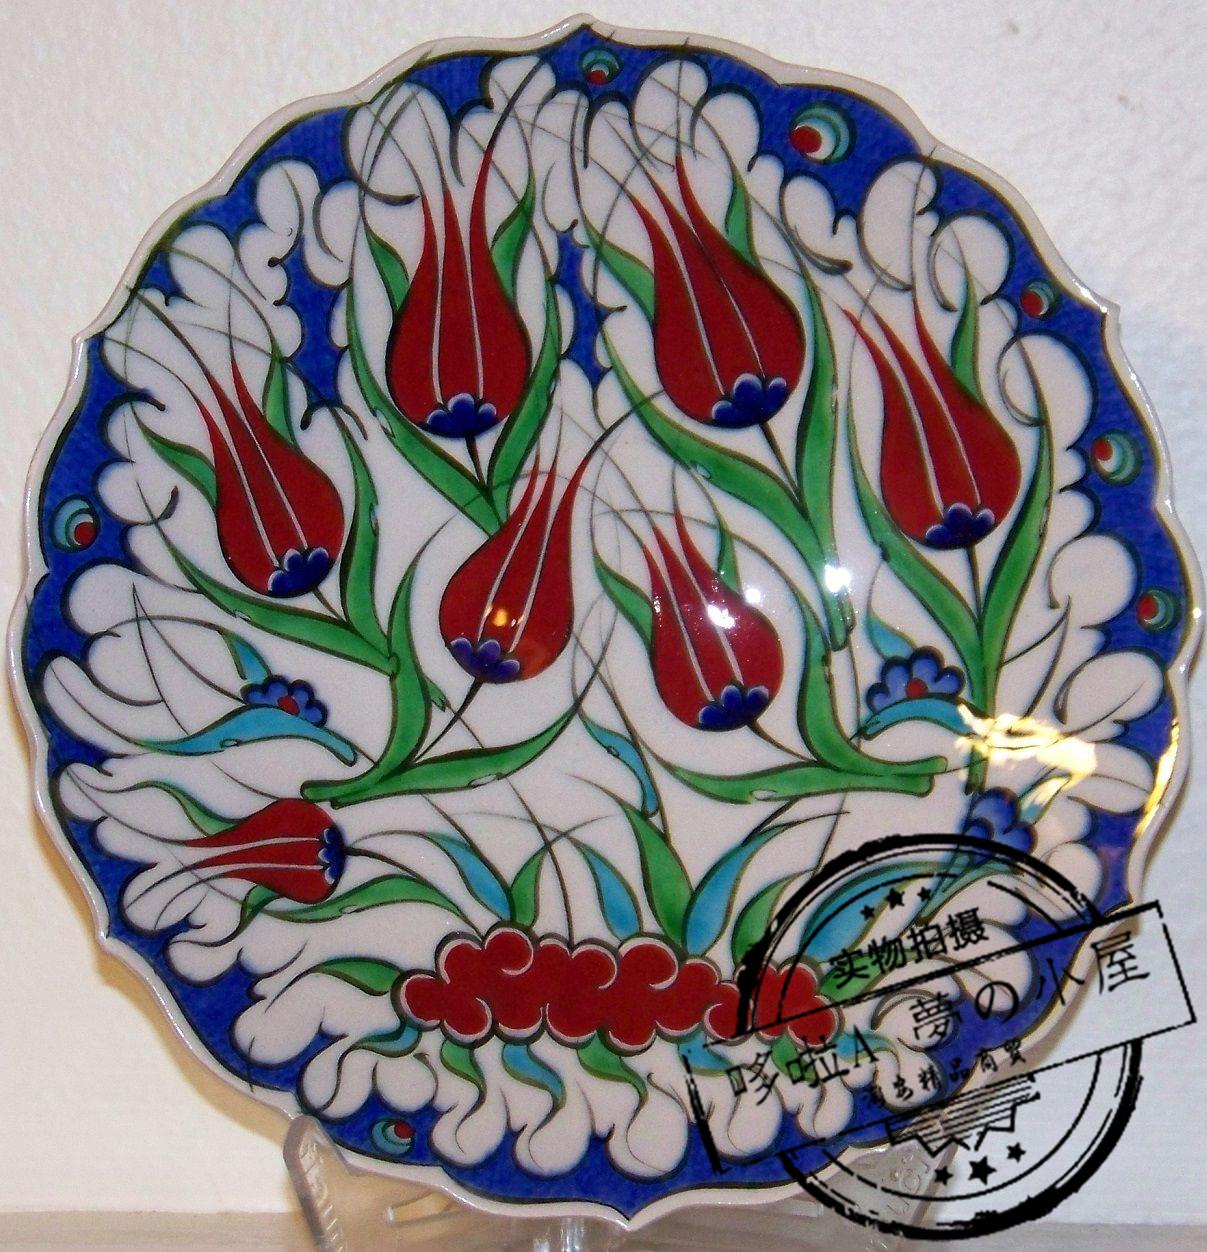 代购 土耳其装饰盘子 白瓷红色郁金香718厘米 陶瓷盘挂盘摆件餐具